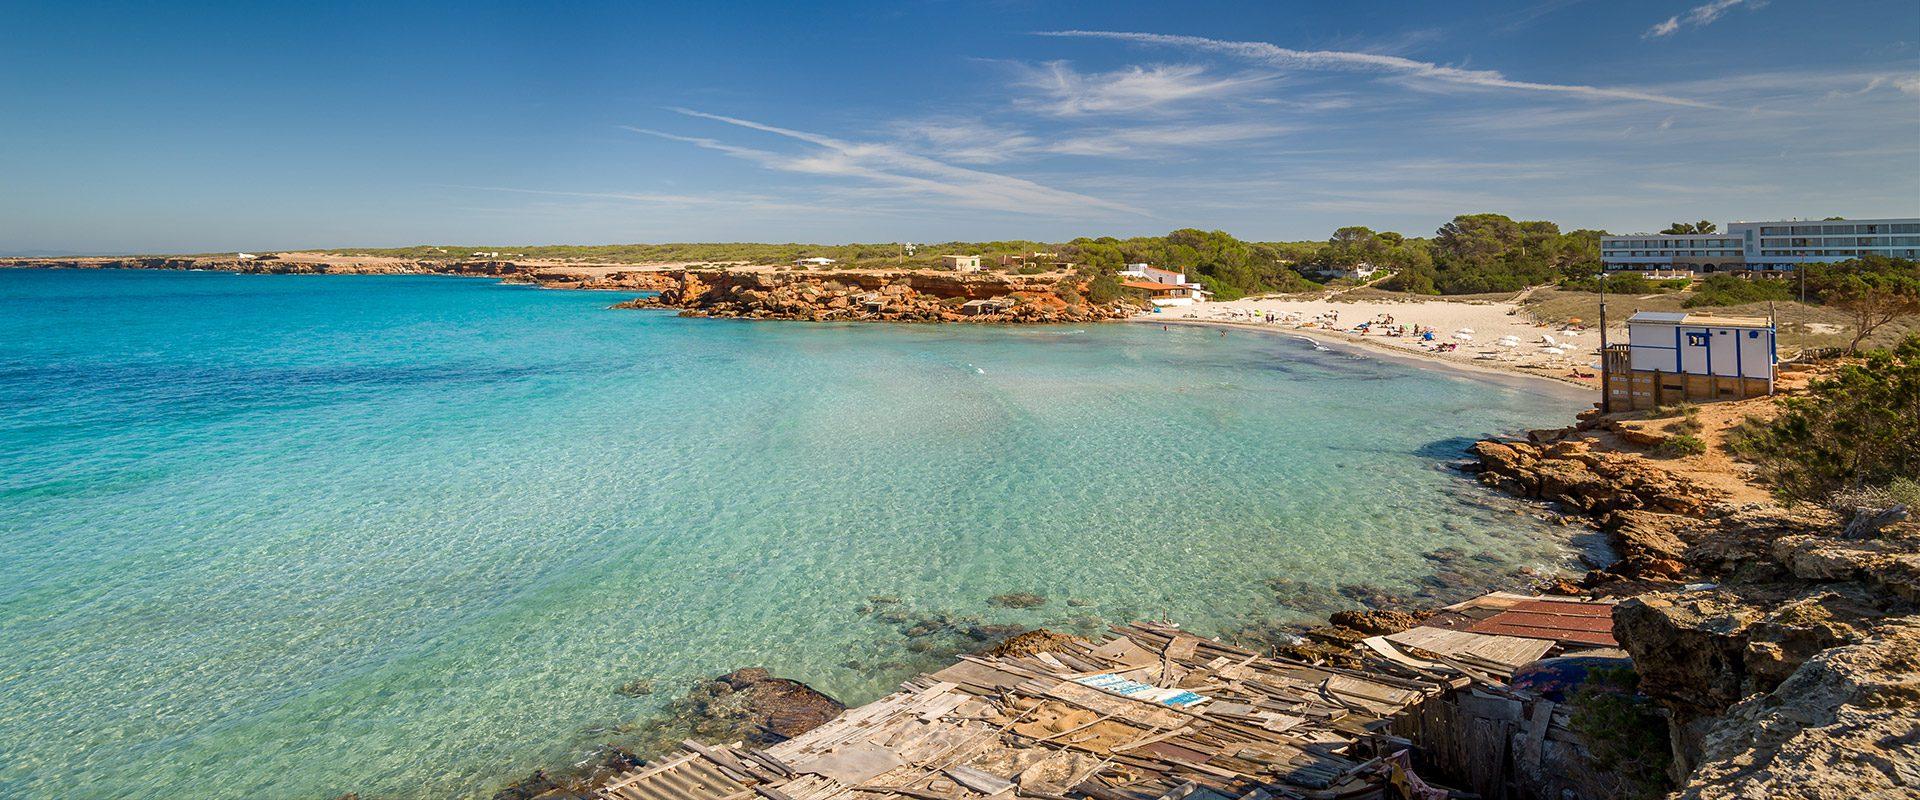 Formentera: la joya del Mediterráneo